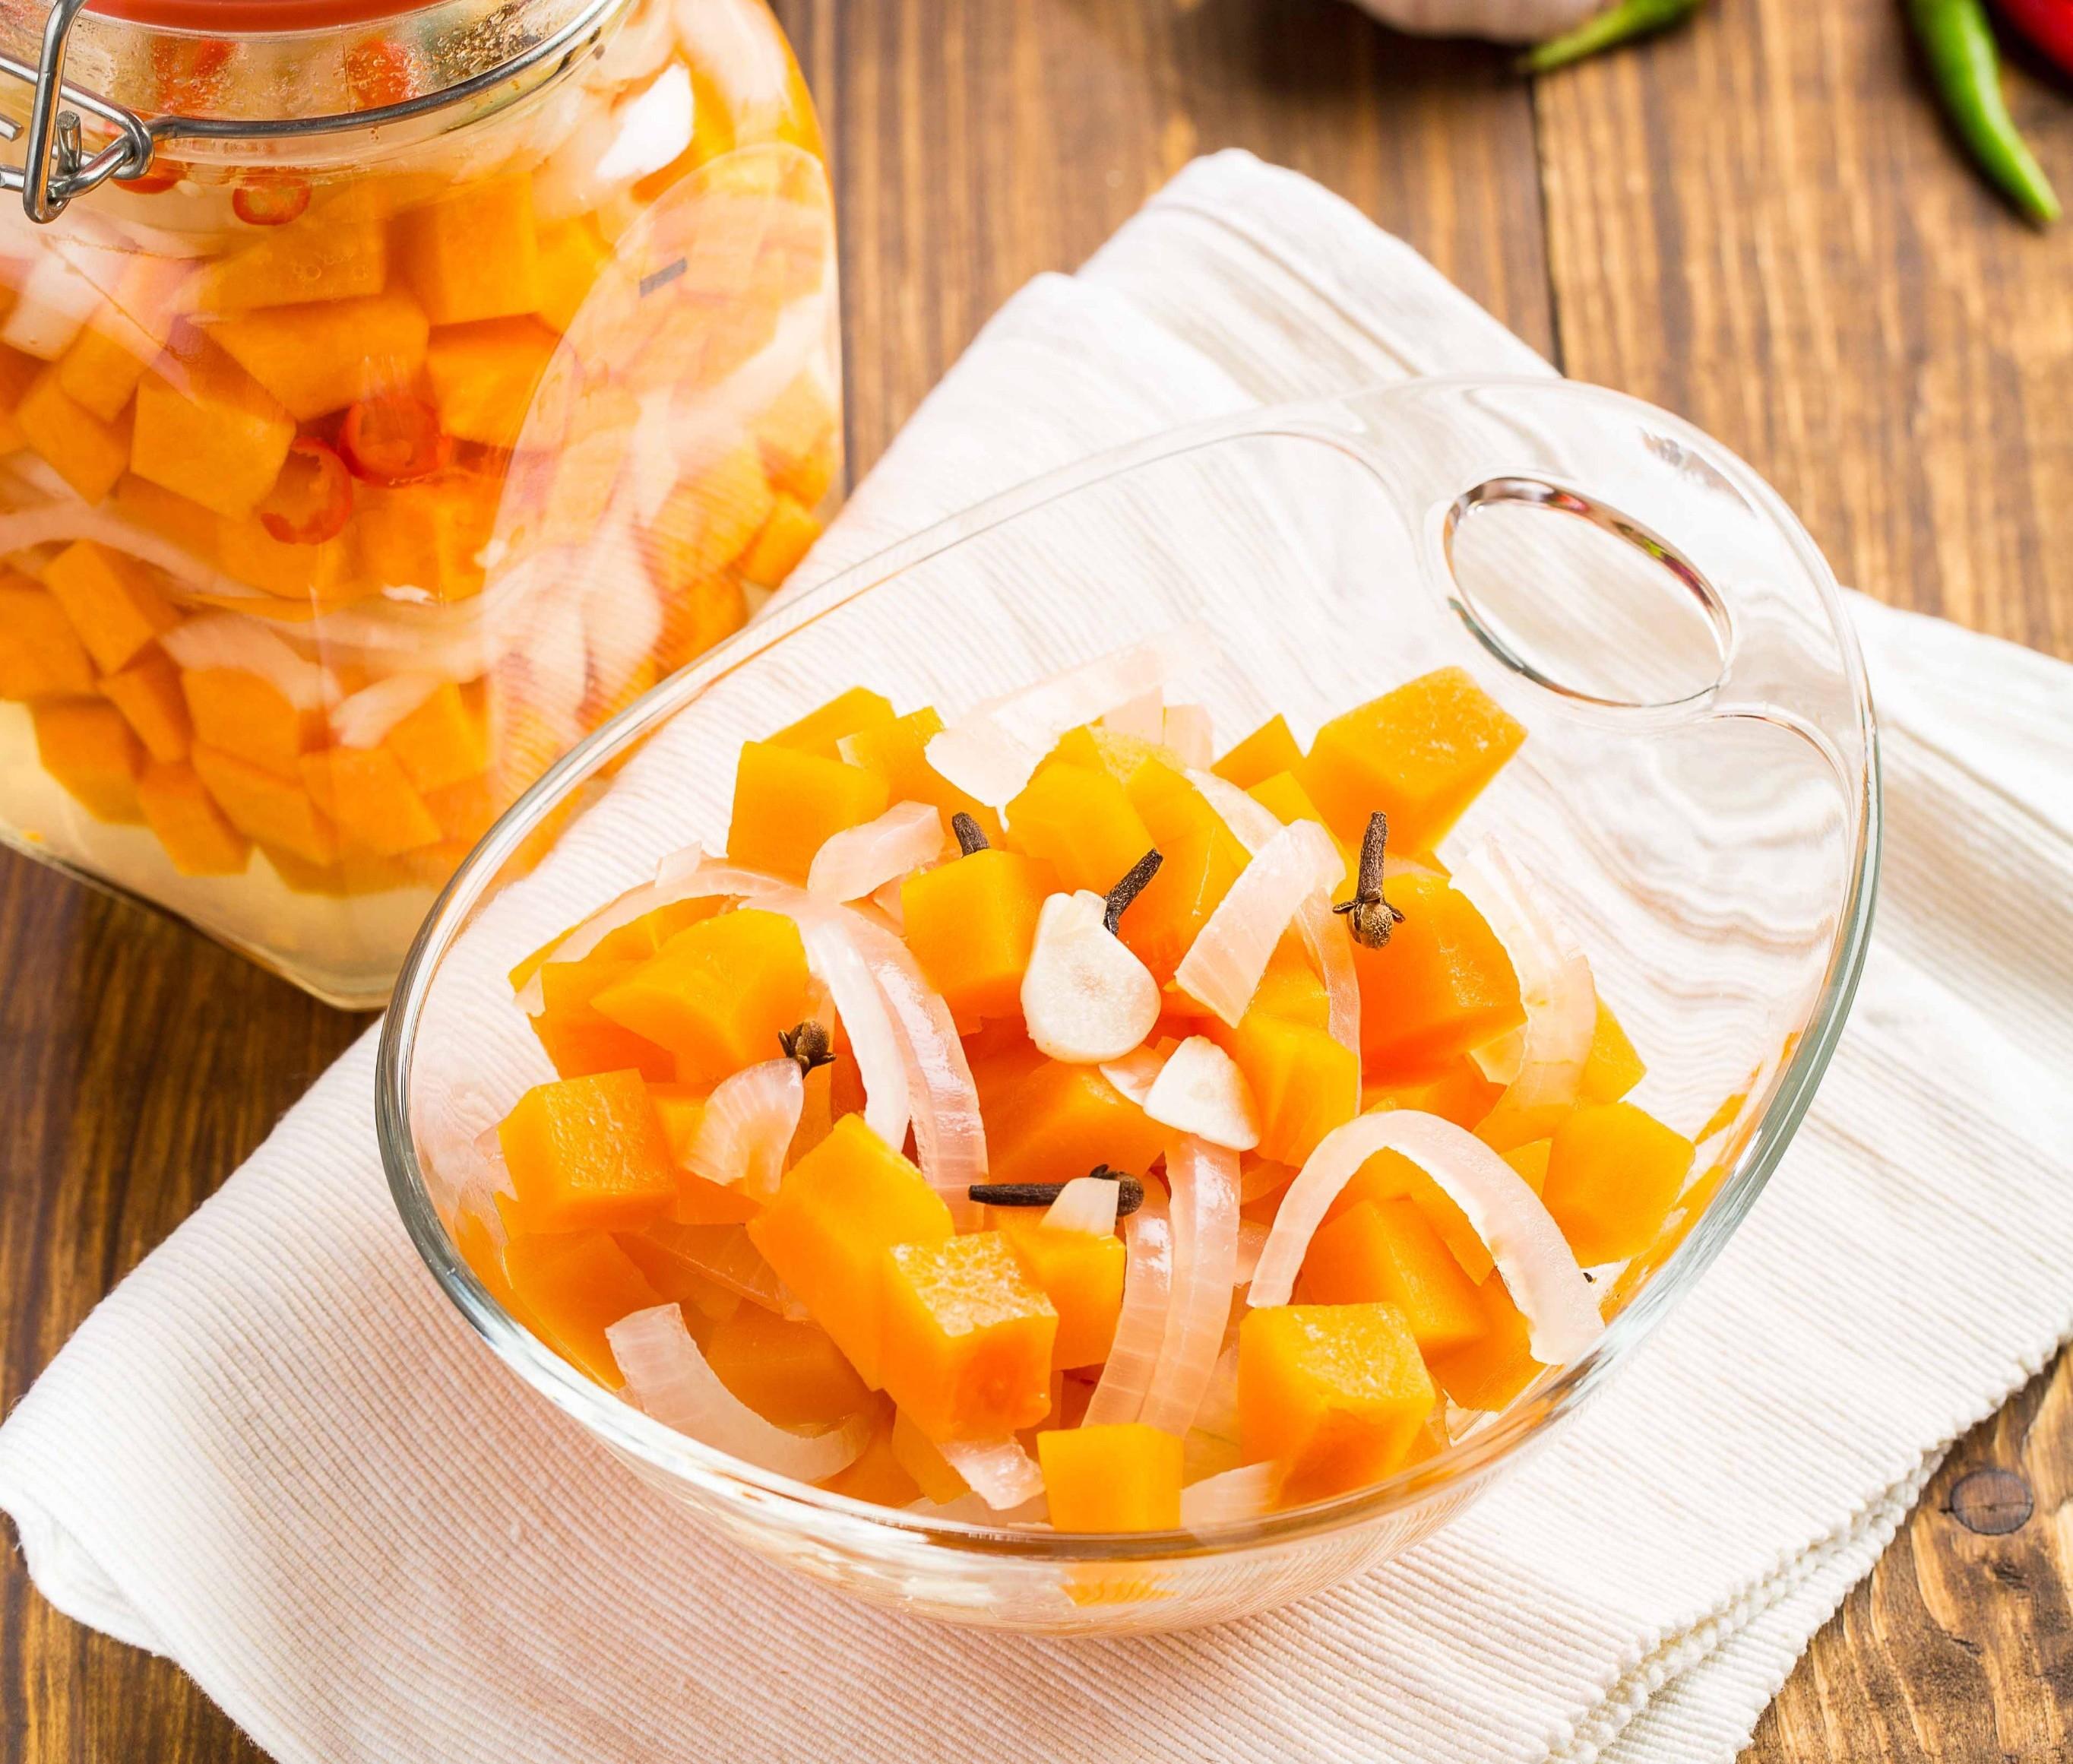 Заготовим впрок: 5 оригинальных рецептов консервирования осенних овощей